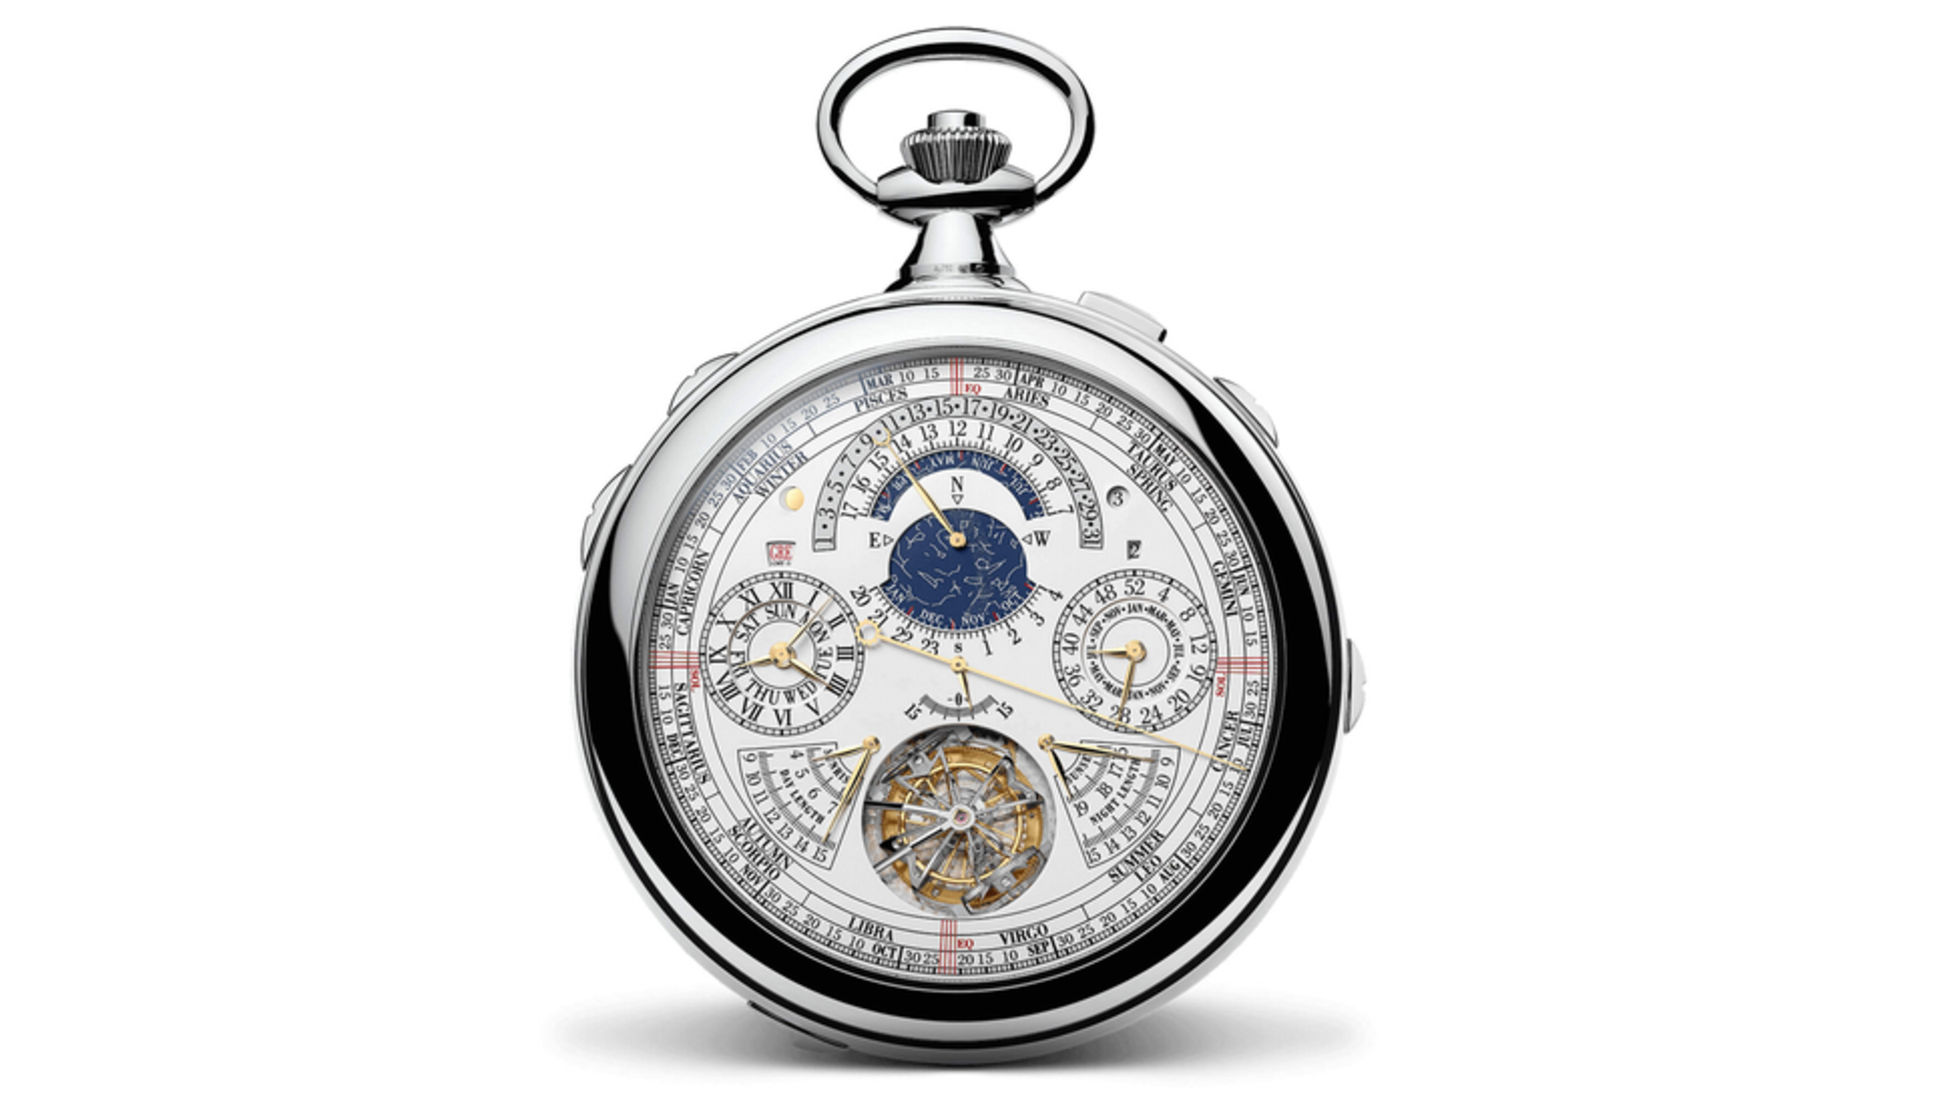 Det här är ett av världens dyraste ur. Vet du vad modellen heter?